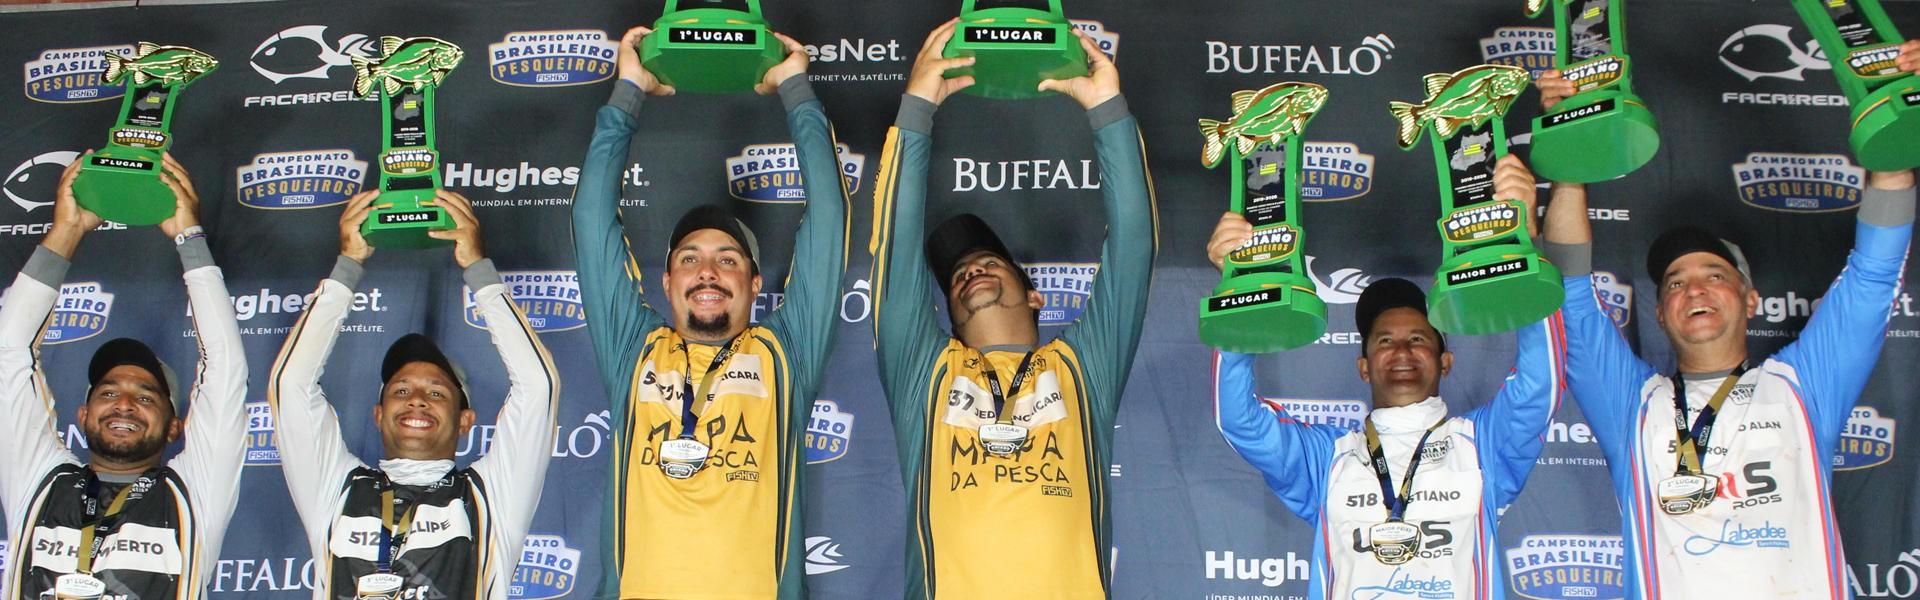 Saiba quem foram os vencedores do Campeonato Goiano em Pesqueiros